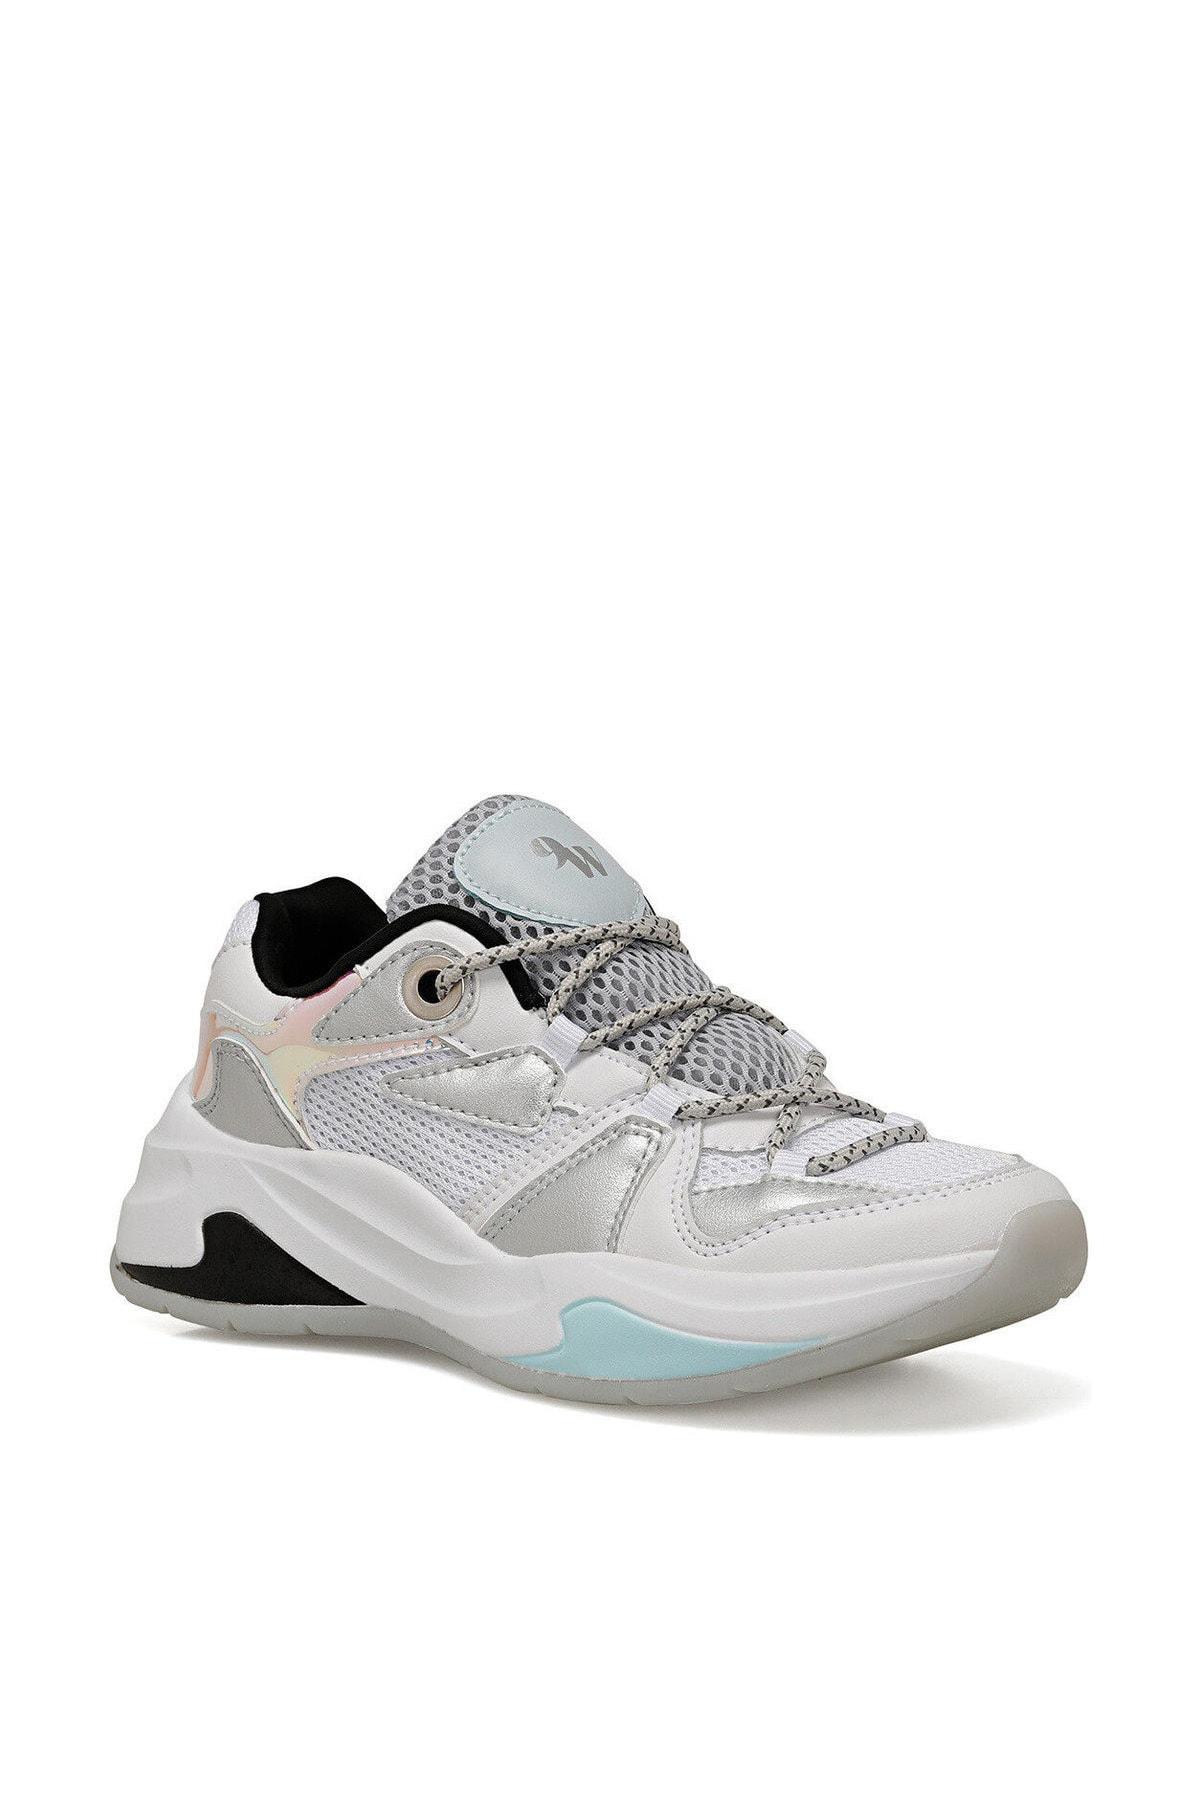 Nine West RANDOR BEYAZ GRI Kadın Kalın Taban Sneaker Spor Ayakkabı 100524815 2